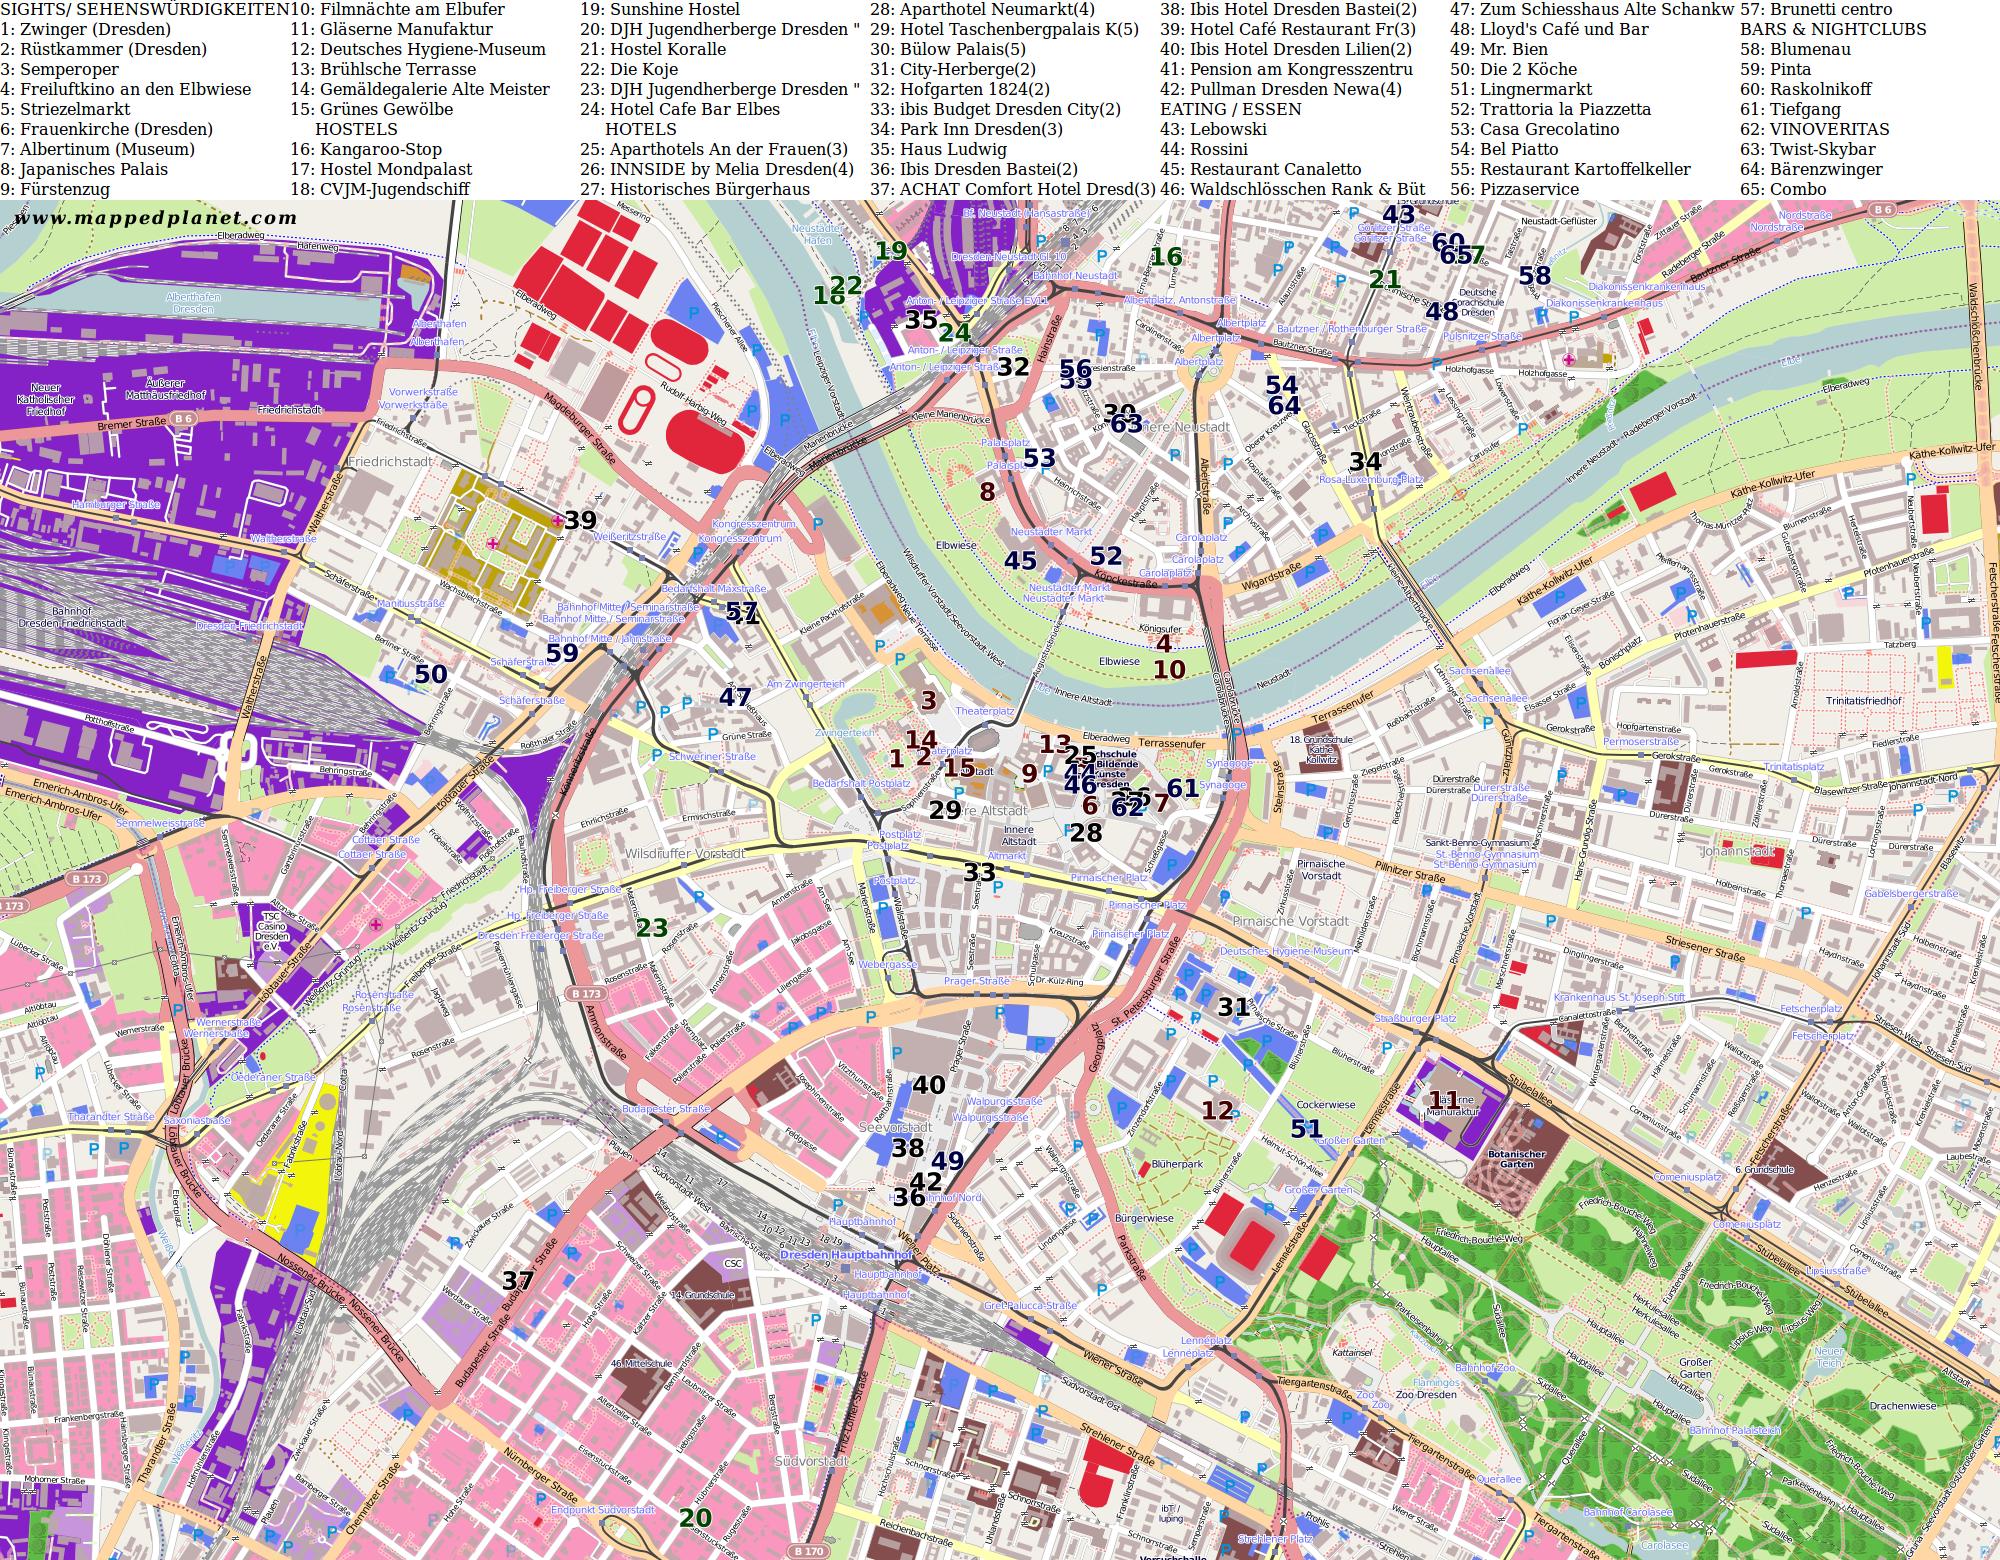 interaktive karte dresden Karten und Stadtpläne Dresden